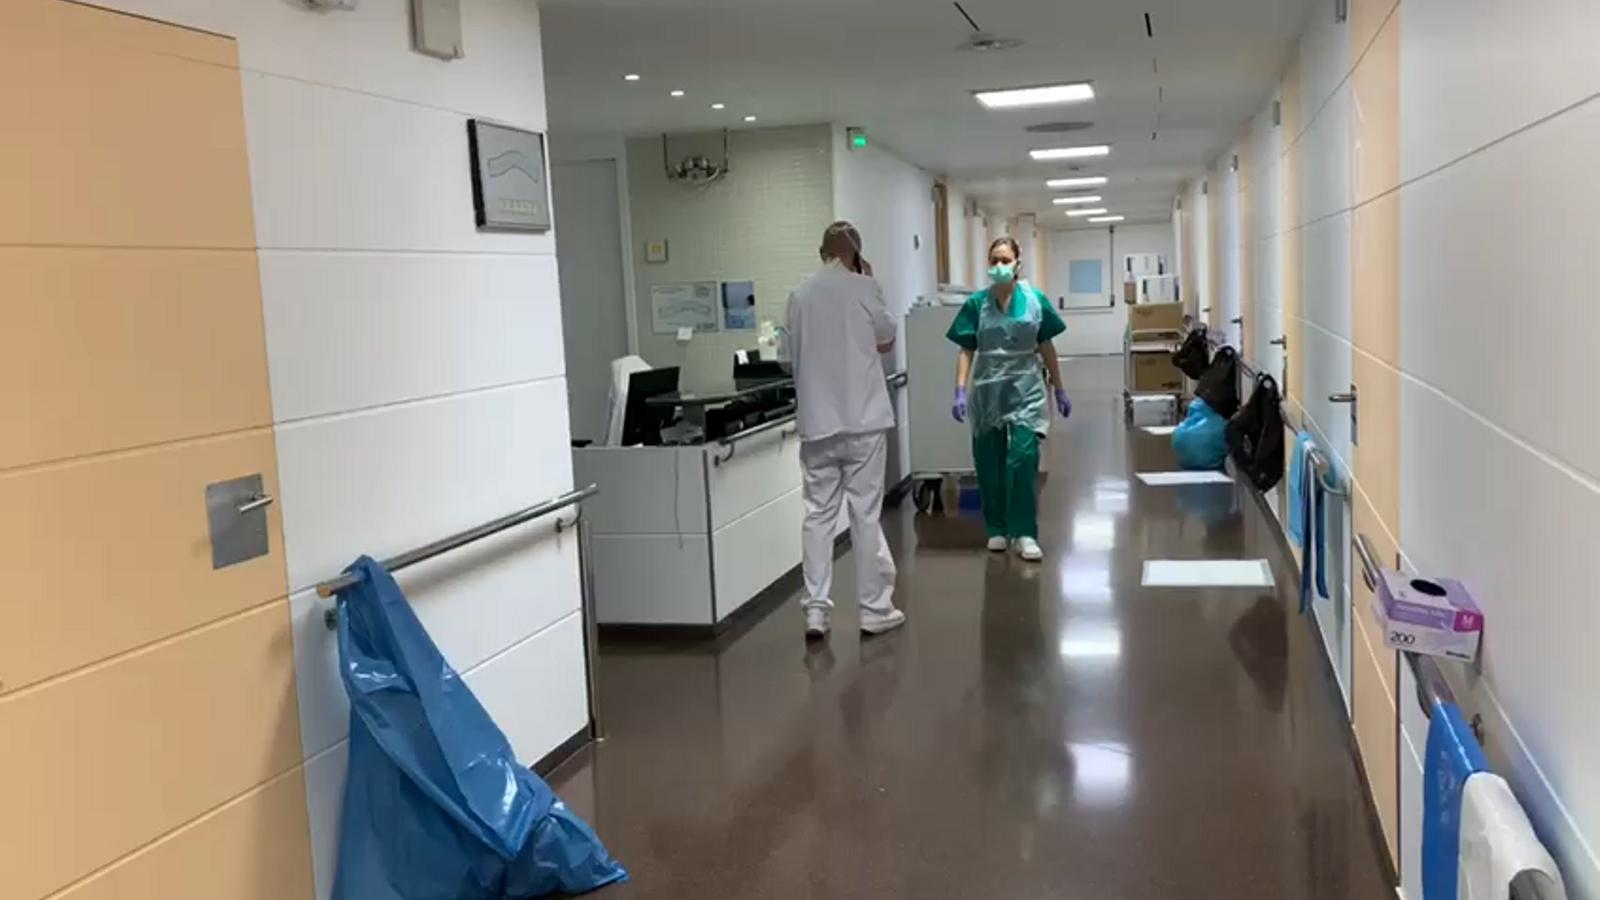 Imatges dels espais de l'hospital Nostra Senyora de Meritxell on estan ingressats pacients positius